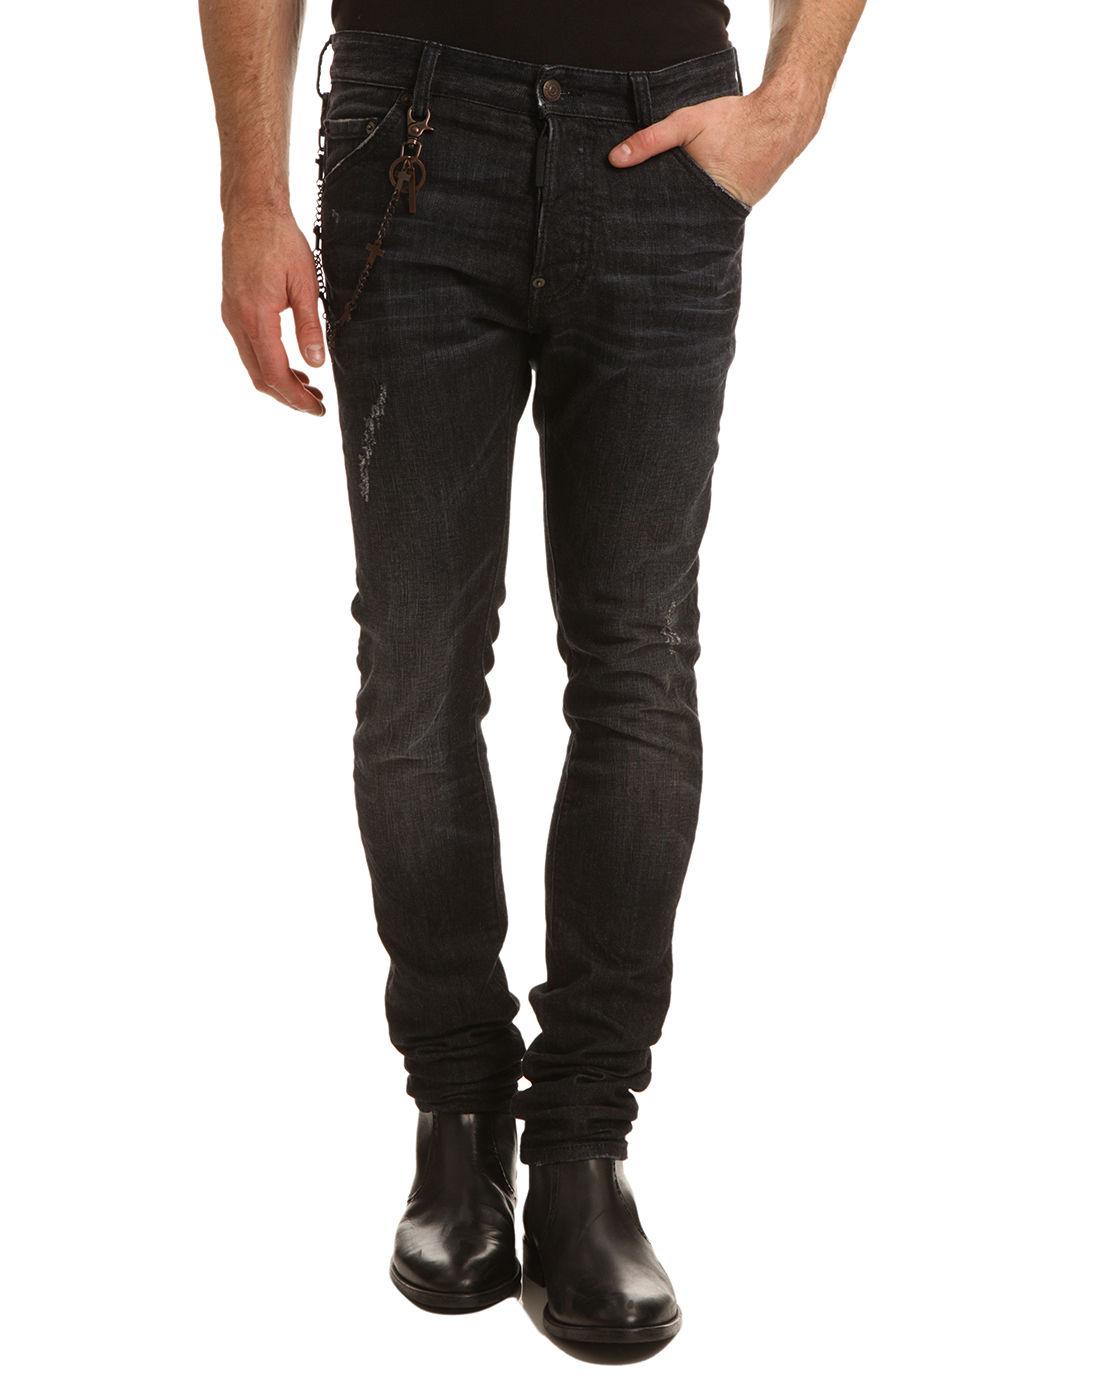 Mens Faded Black Jeans Ye Jean